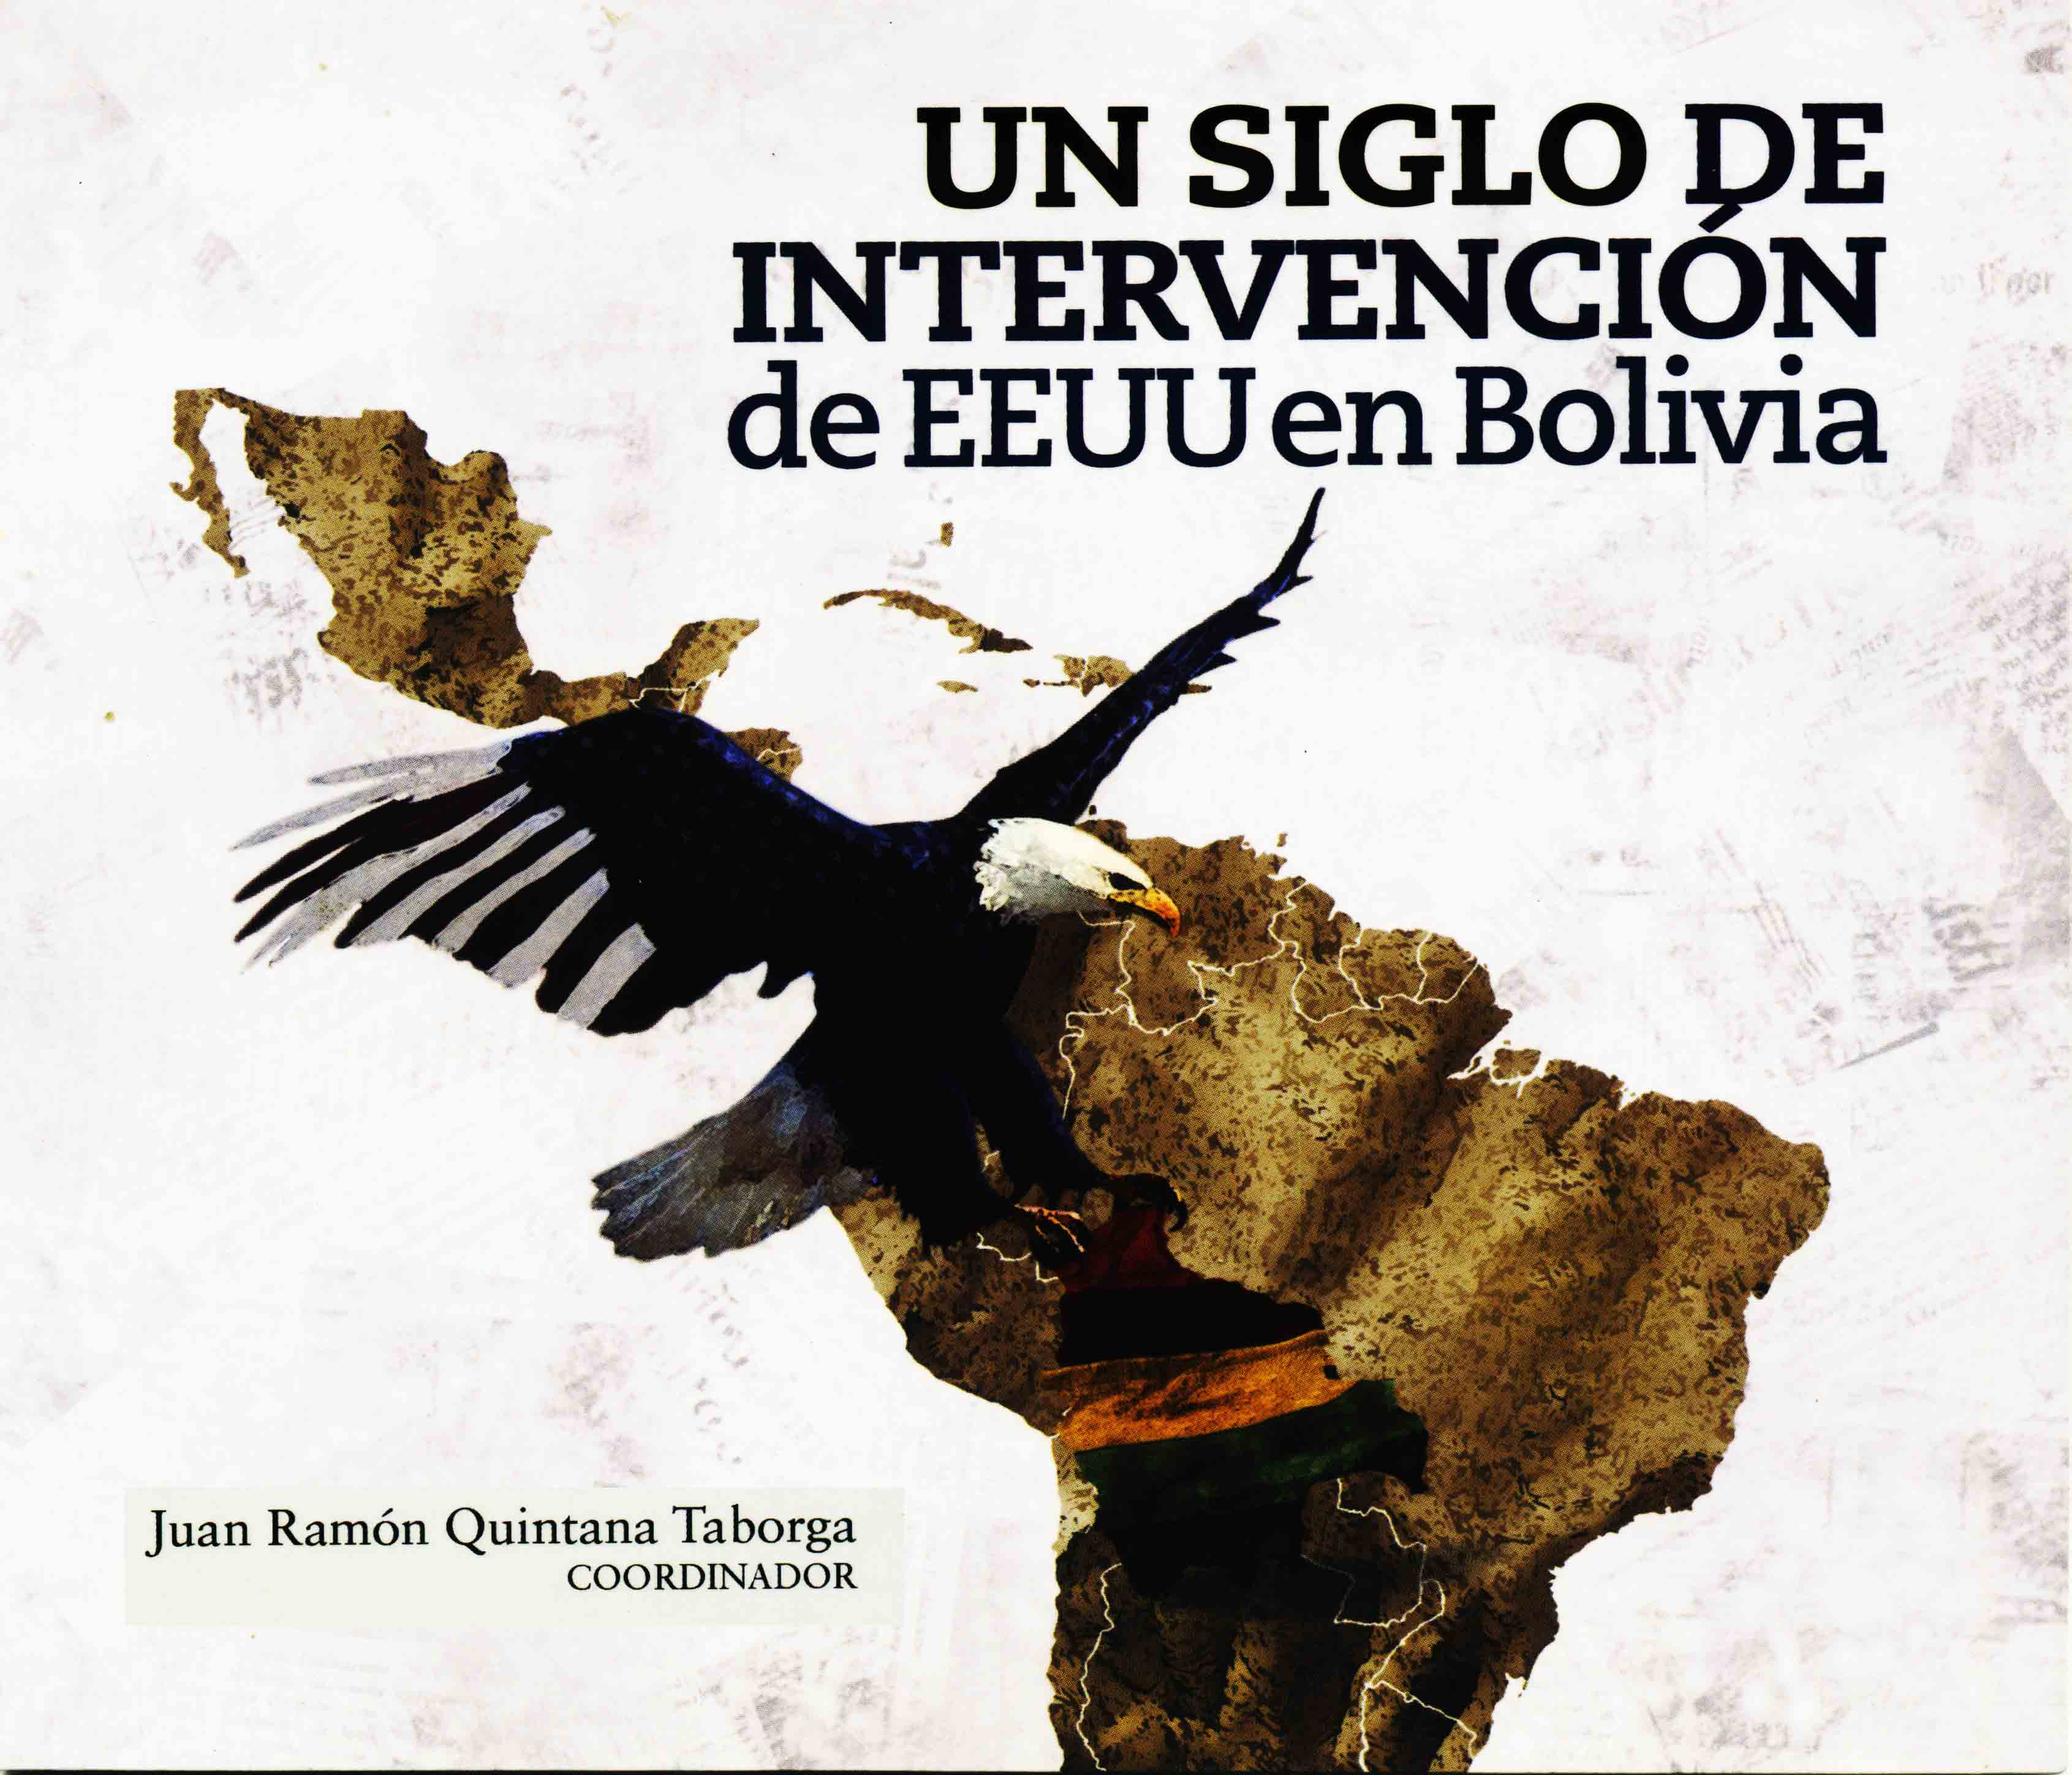 La Geopolítica en el pensamiento crítico latinoamericano - Néstor Kohan - año 2020 - Prólogo a la obra «Un siglo de intervención de EEUU en Bolivia (1900-2000)» - formato pdf QUINTANAINTERVENCIONUSATAPAWEB_01